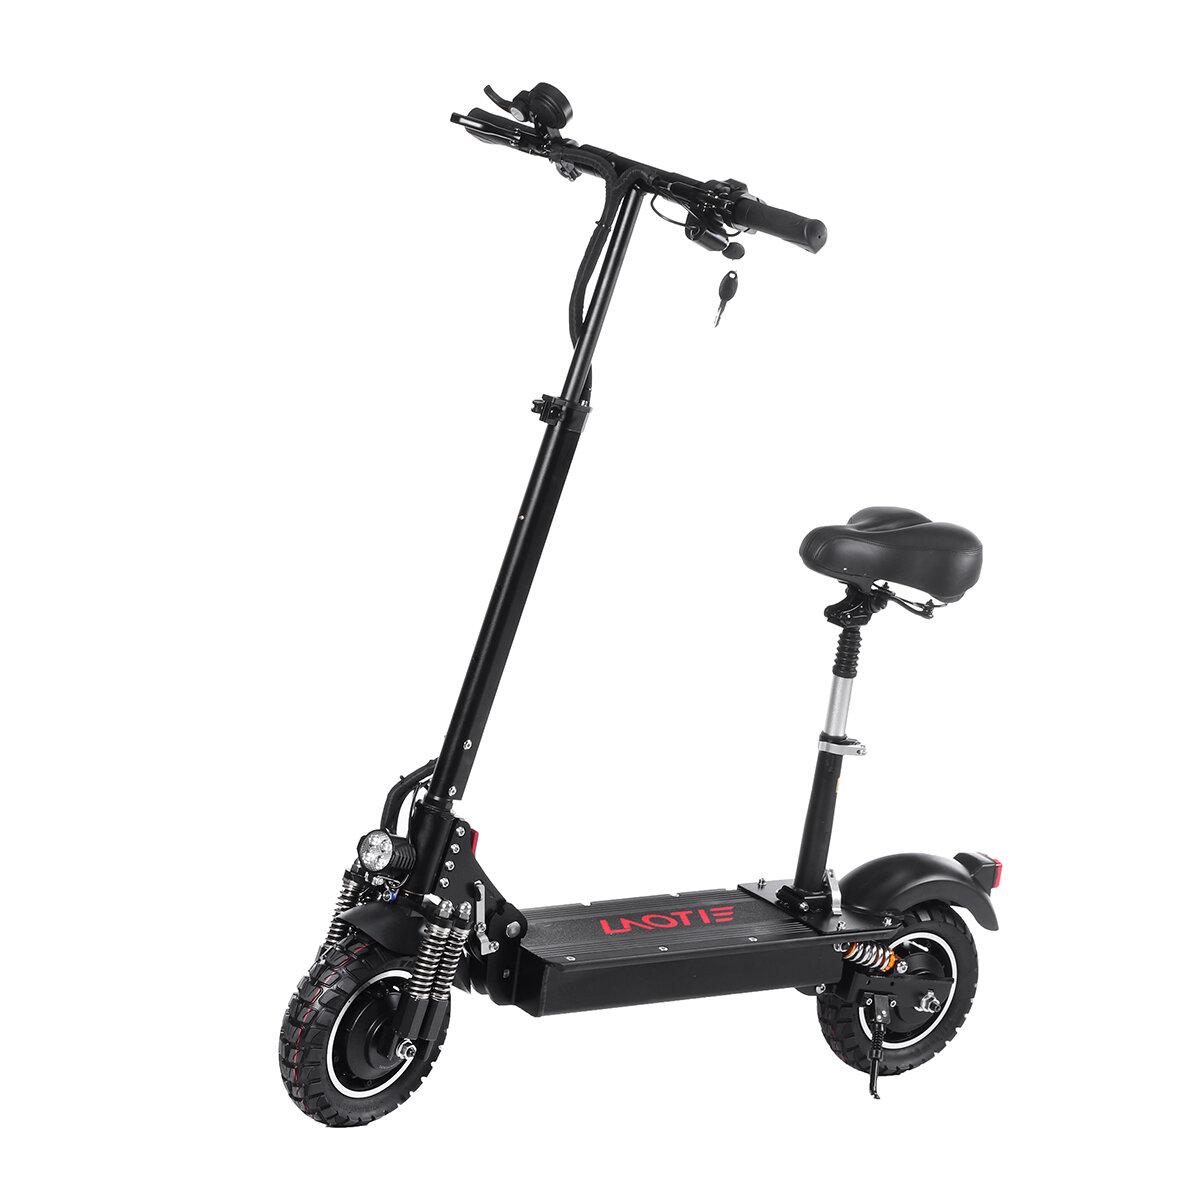 A Banggoodnál megőrültek, egy rakat elektromos kerékpár és roller ára visszavágva! 14